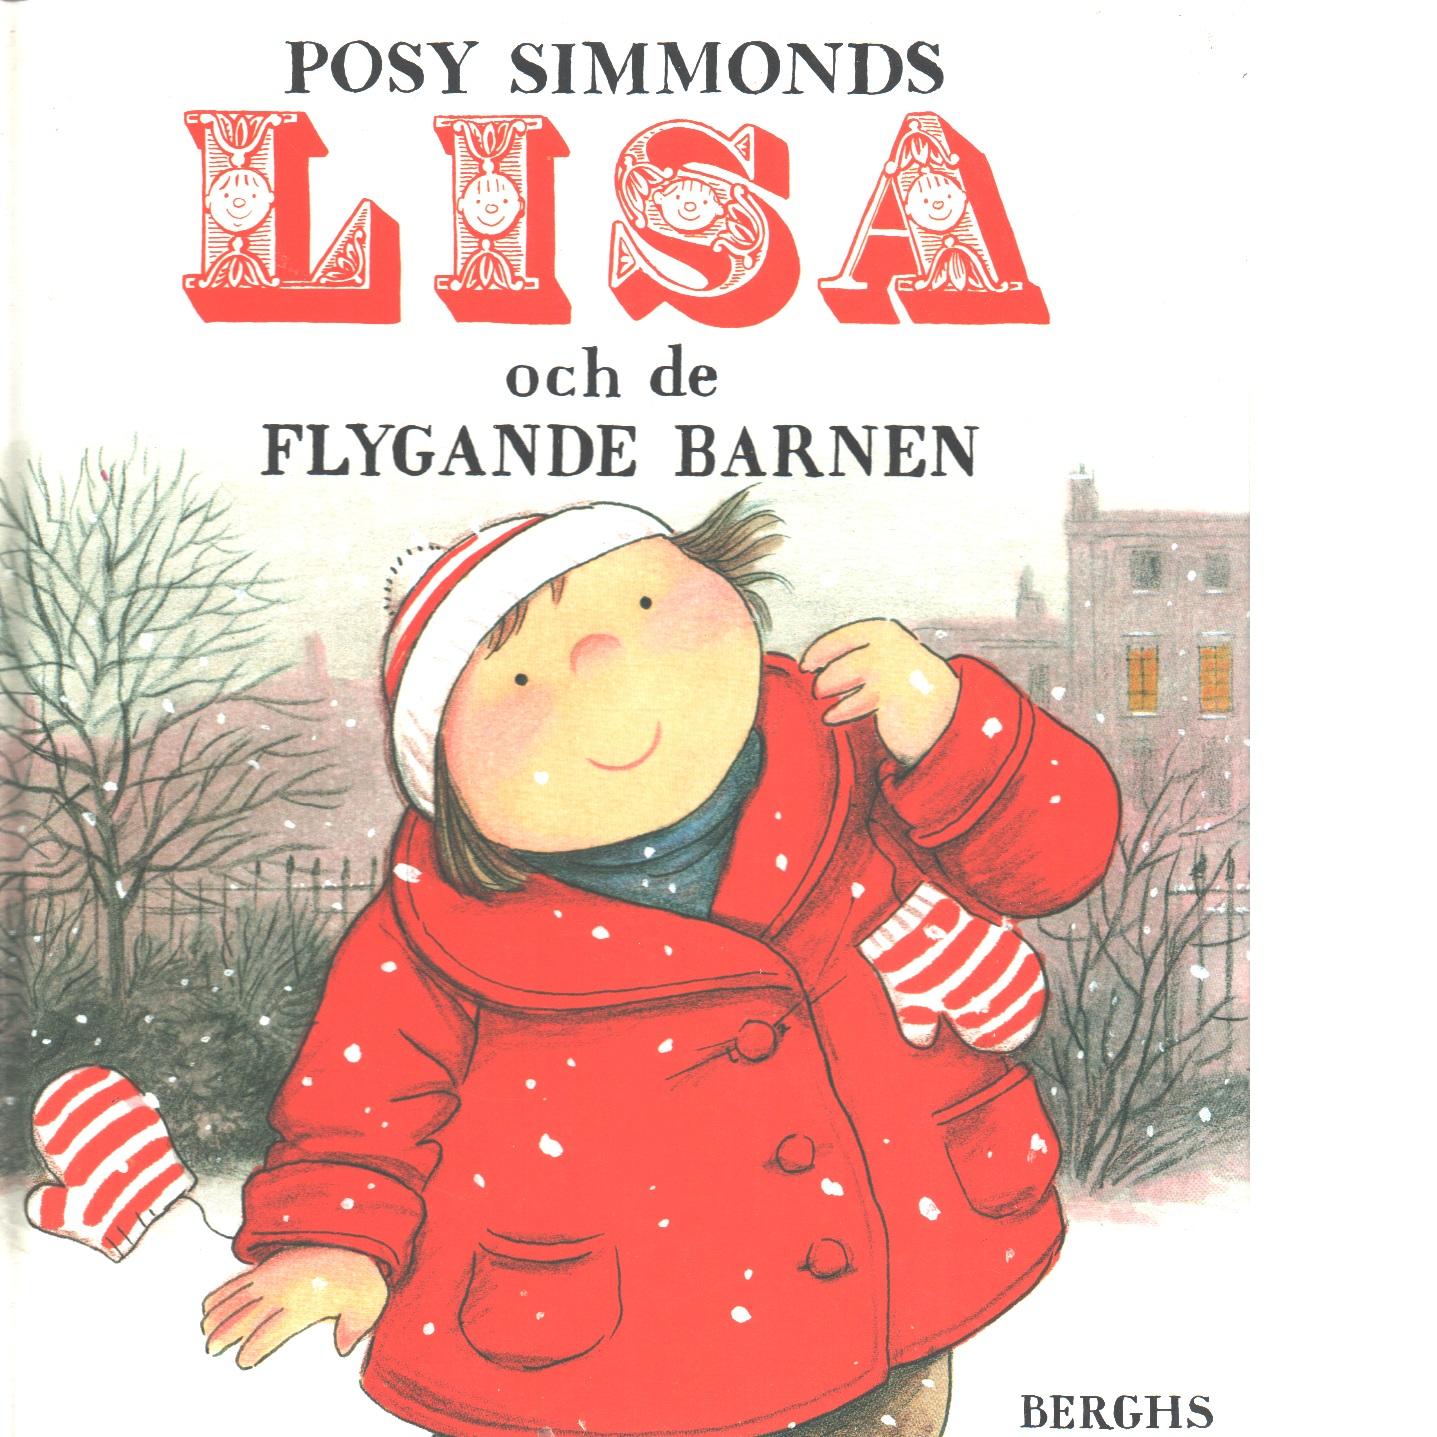 Lisa och de flygande barnen - Simmonds, Posy